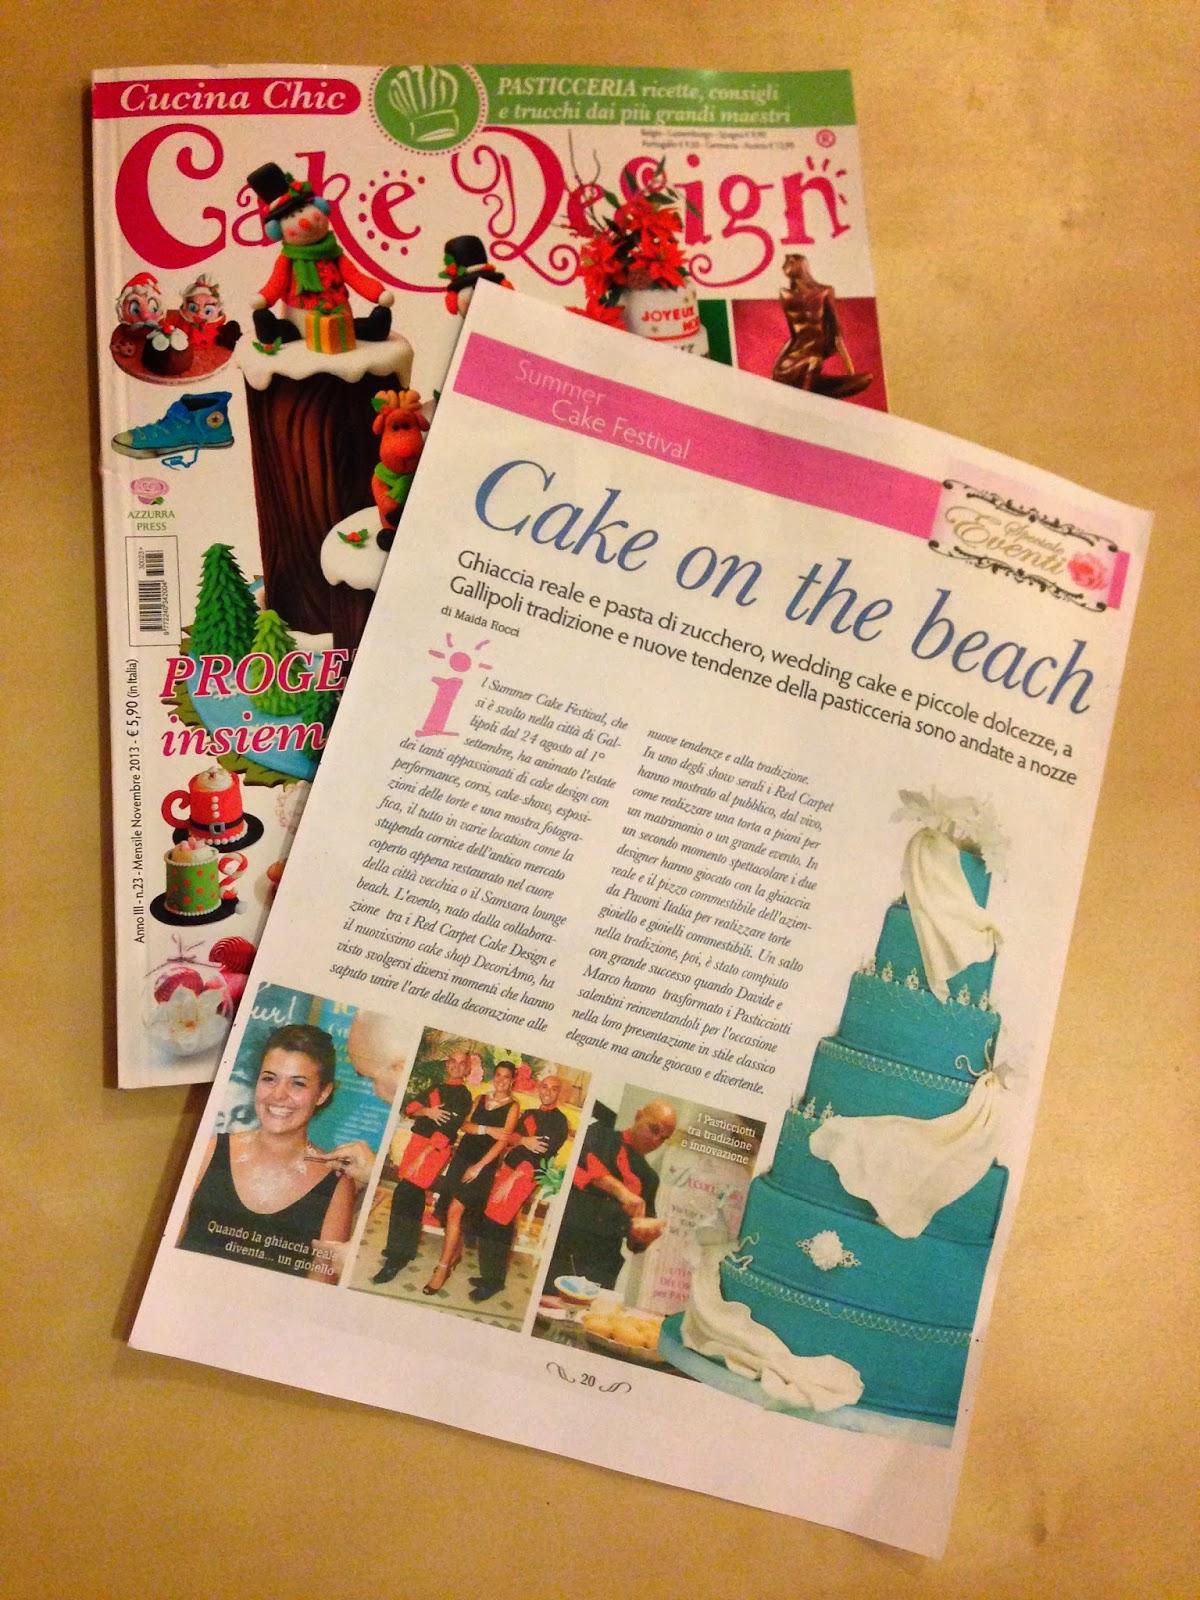 Red Carpet Cake Design®: ARTICOLO SU CUCINA CHIC CAKE DESIGN ...